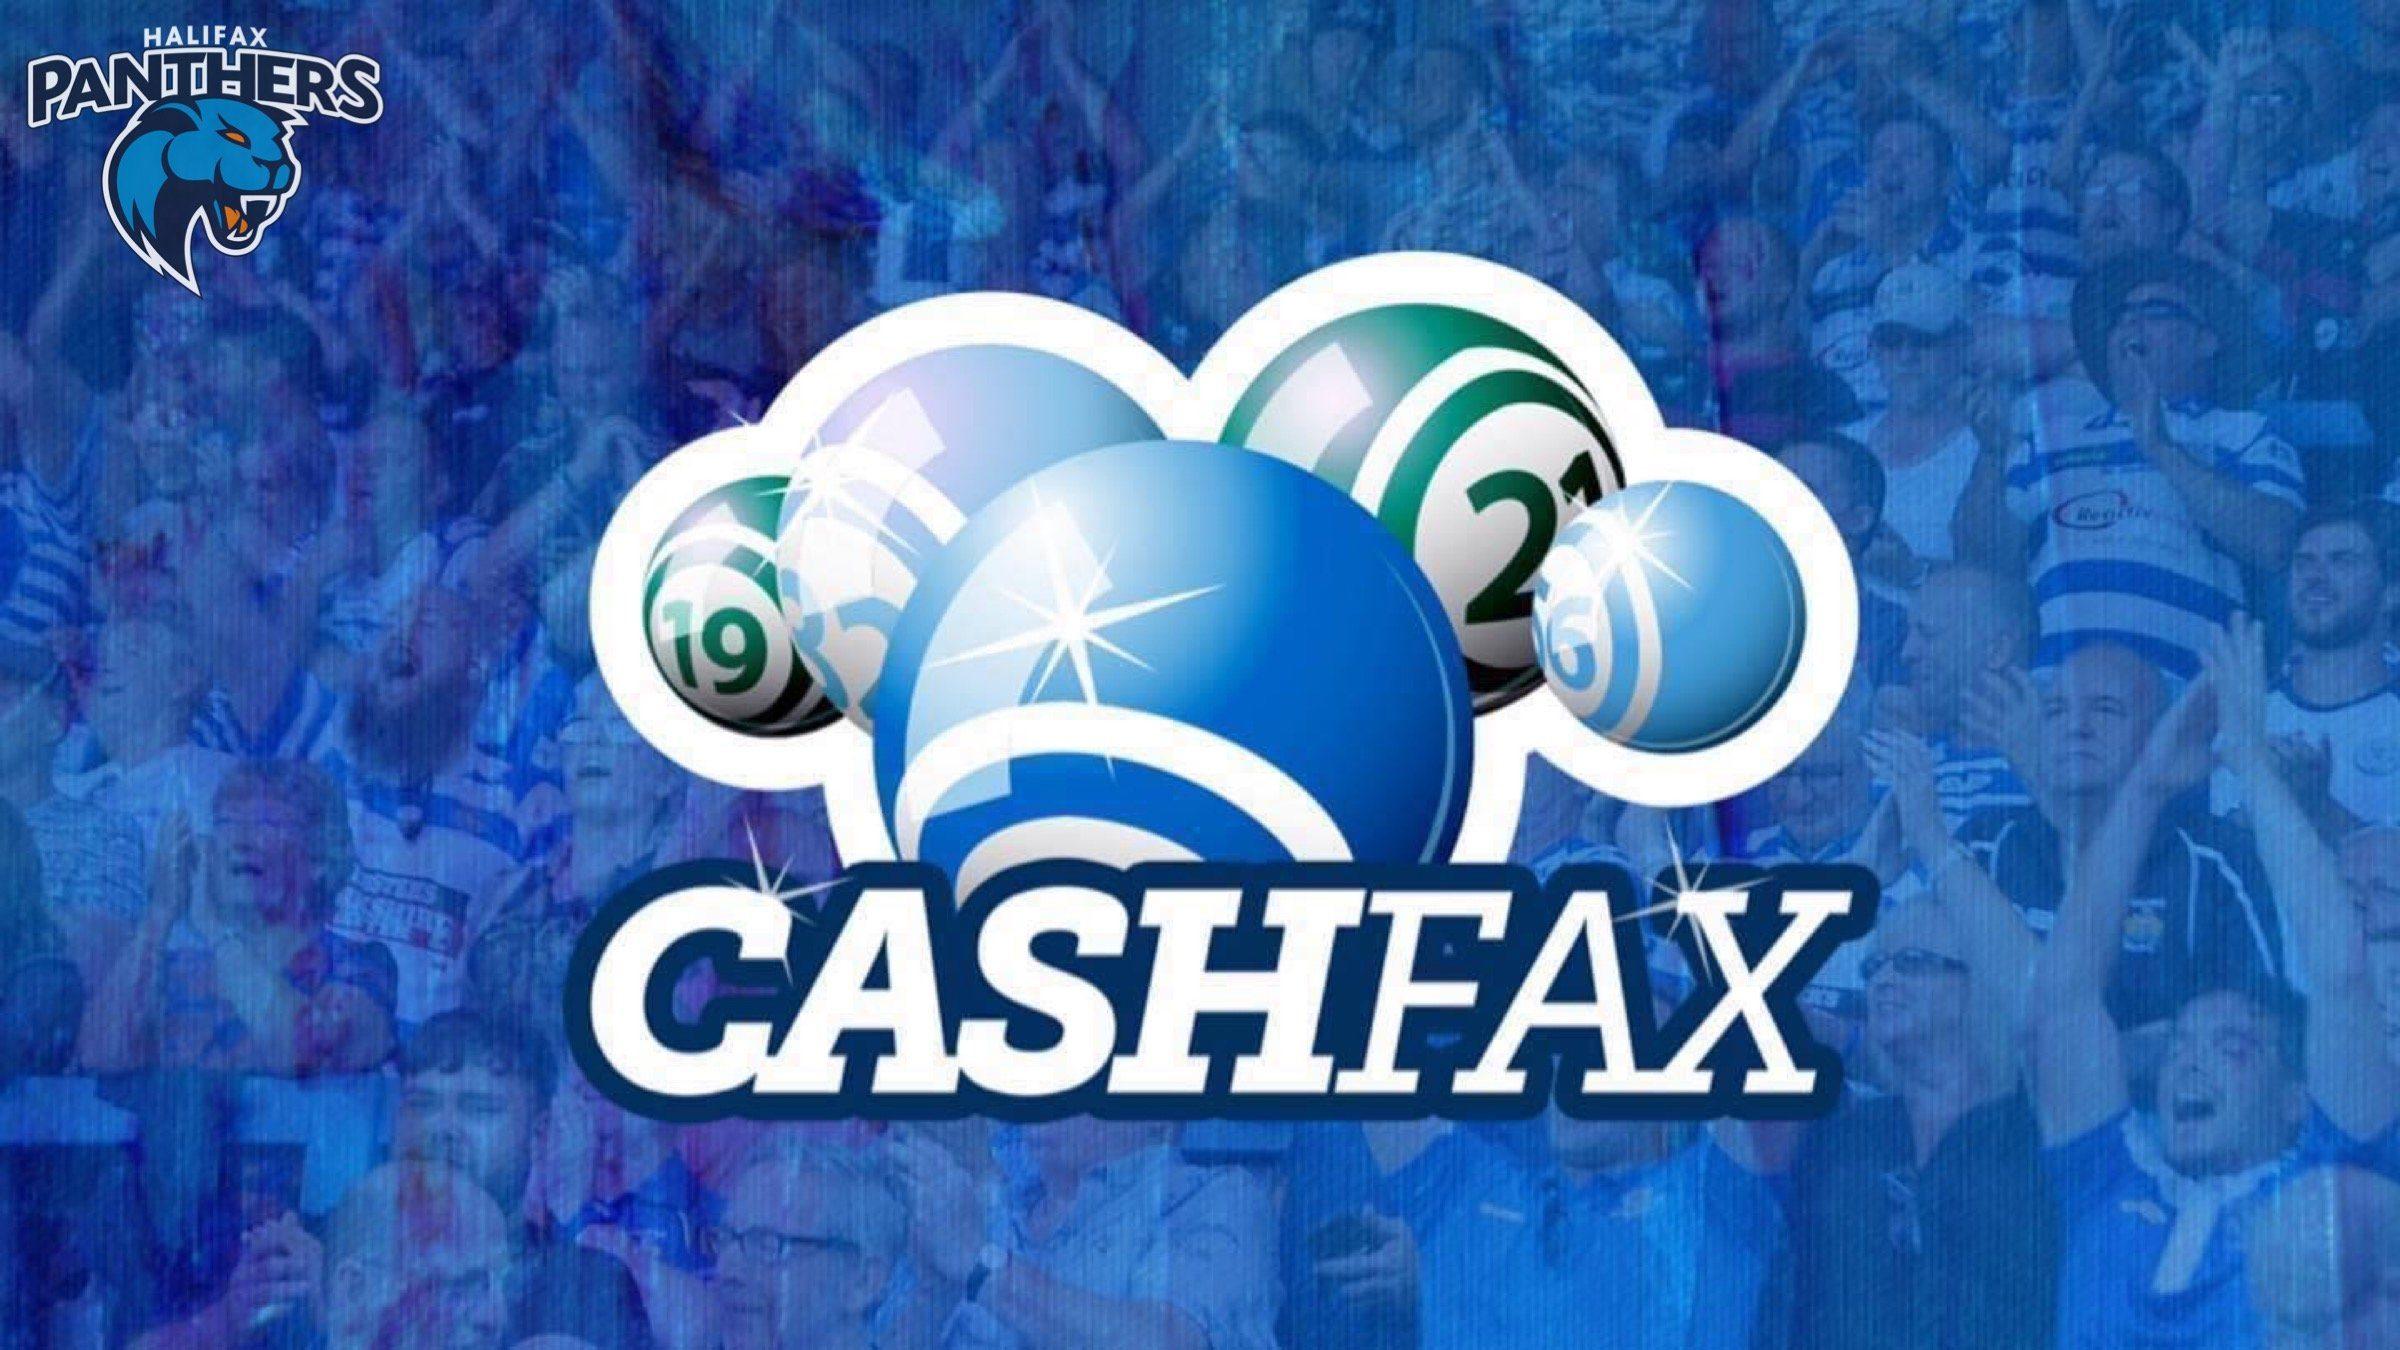 CASHFAX